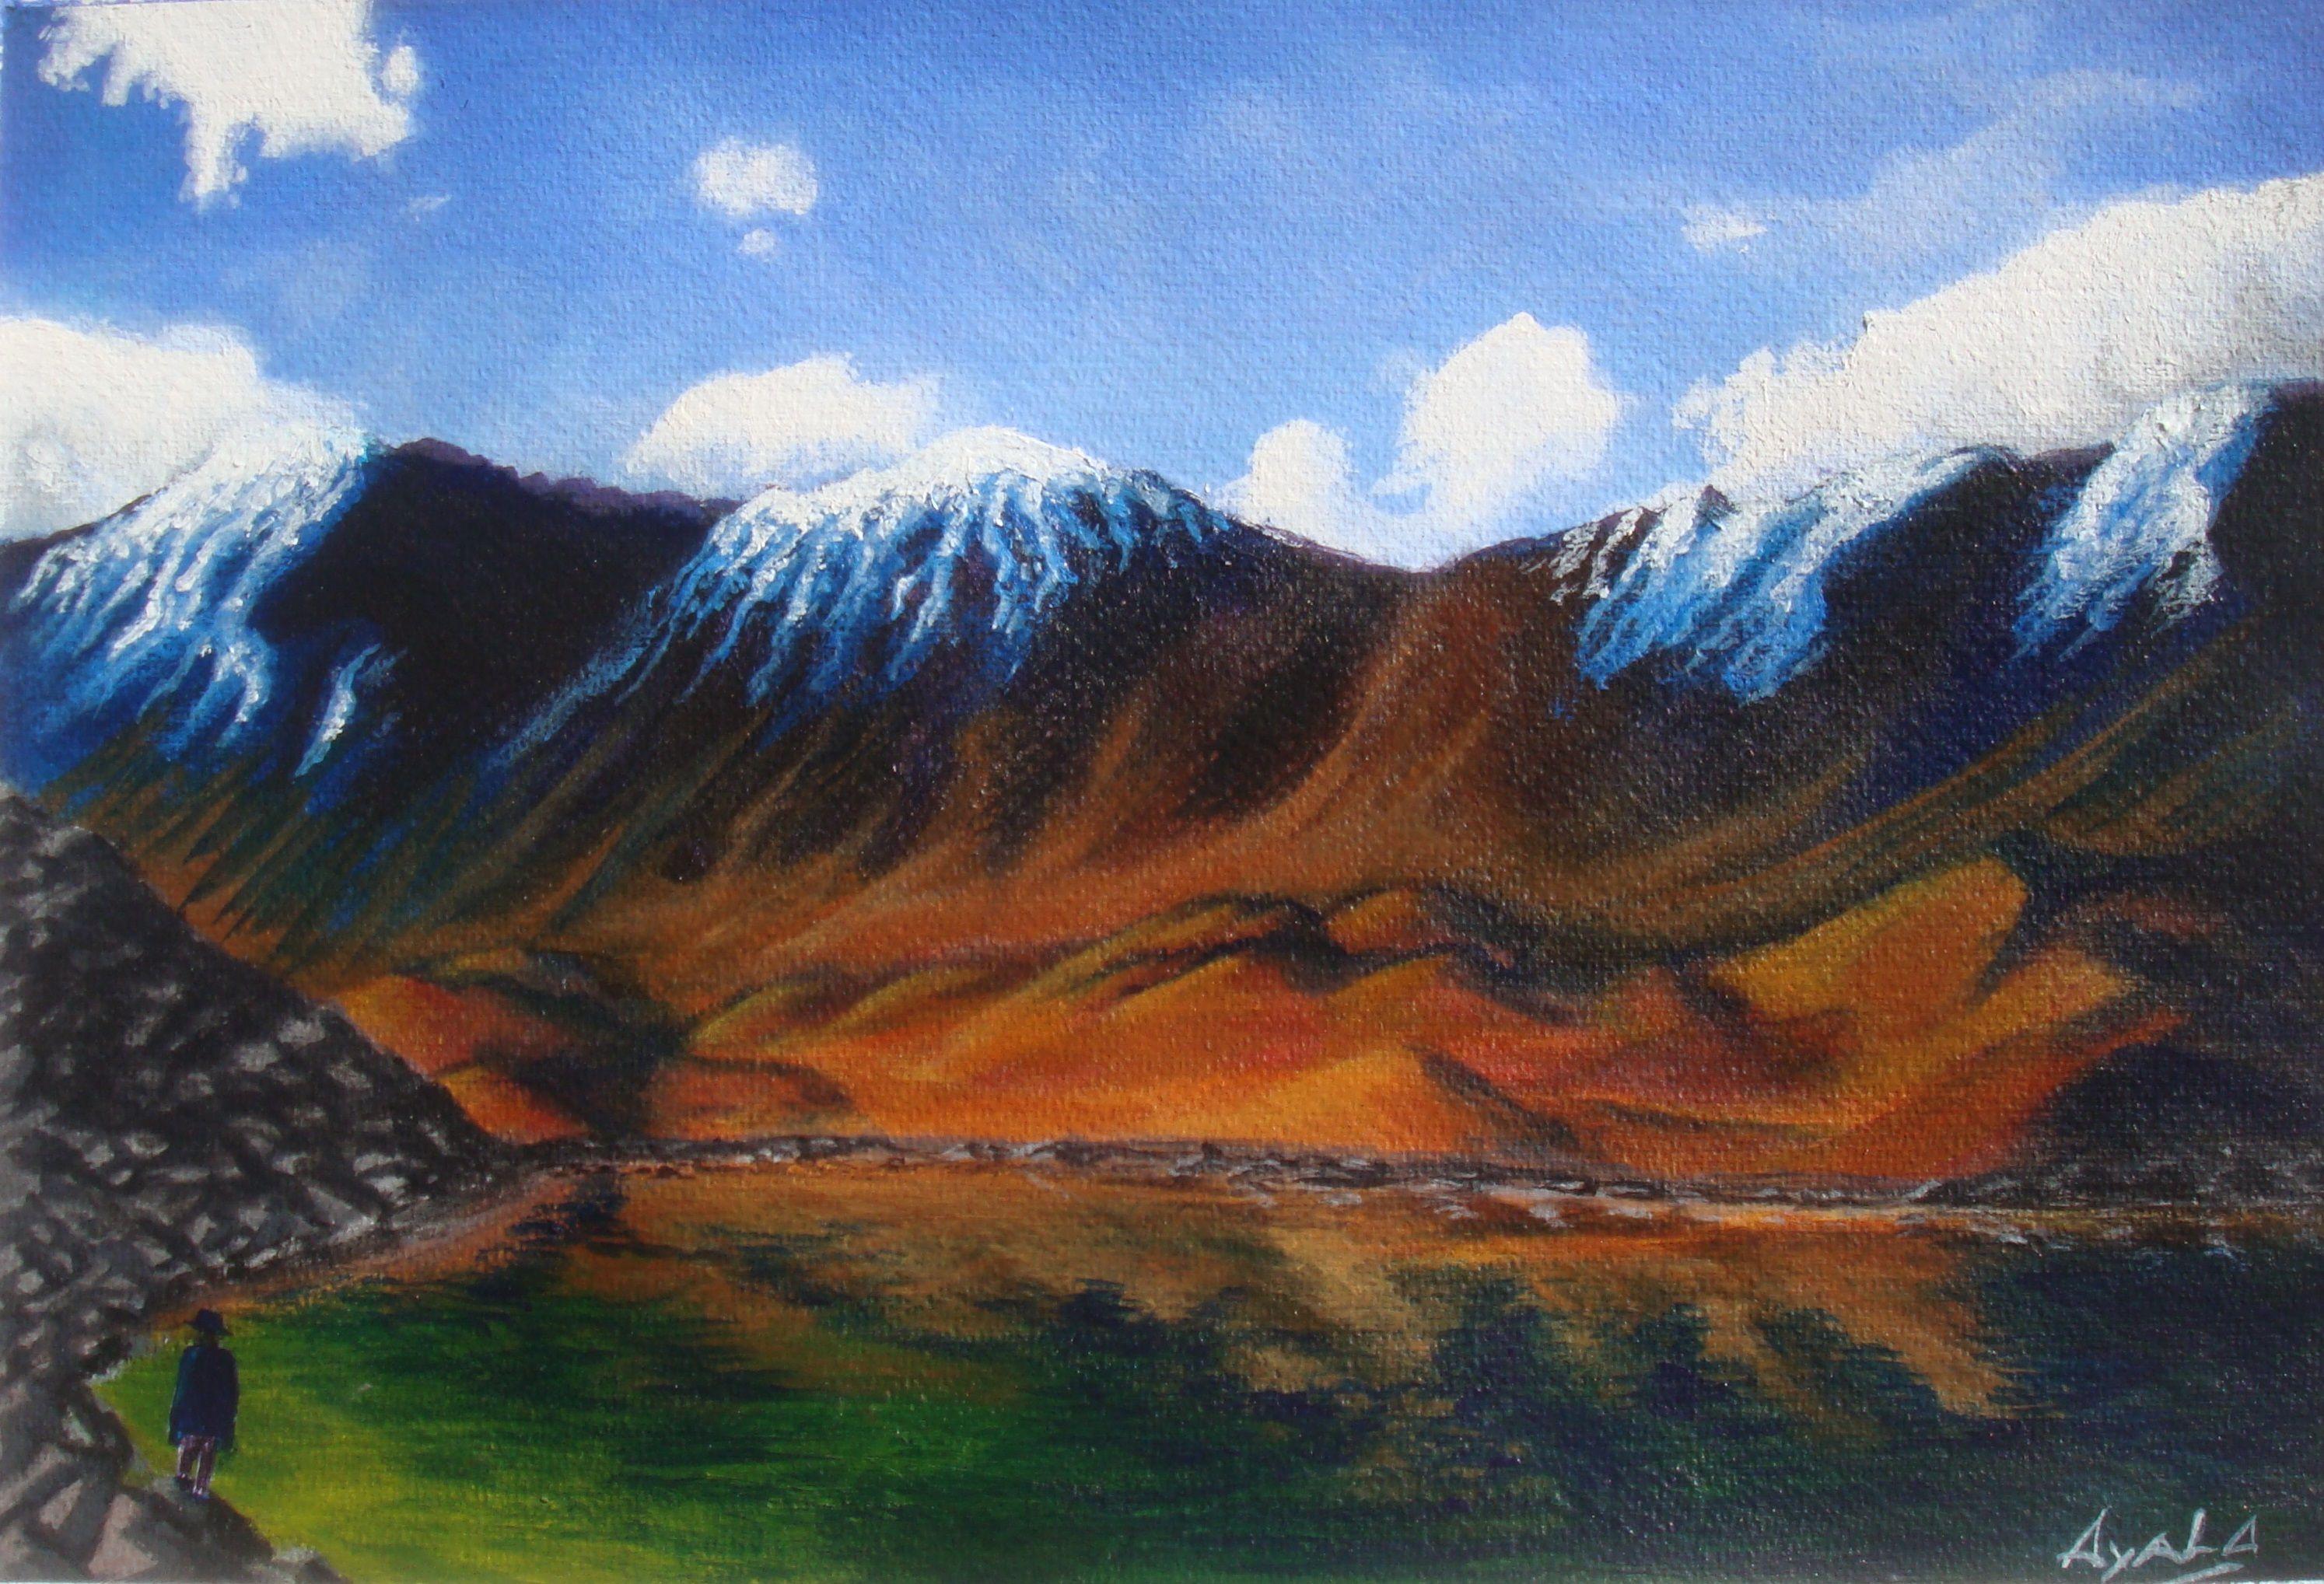 Jonathan García Ayala El Visitante (Vista interna del Nevado de Toluca) 24 x 33.5 cm febrero de 2016 Acrílico sobre papel